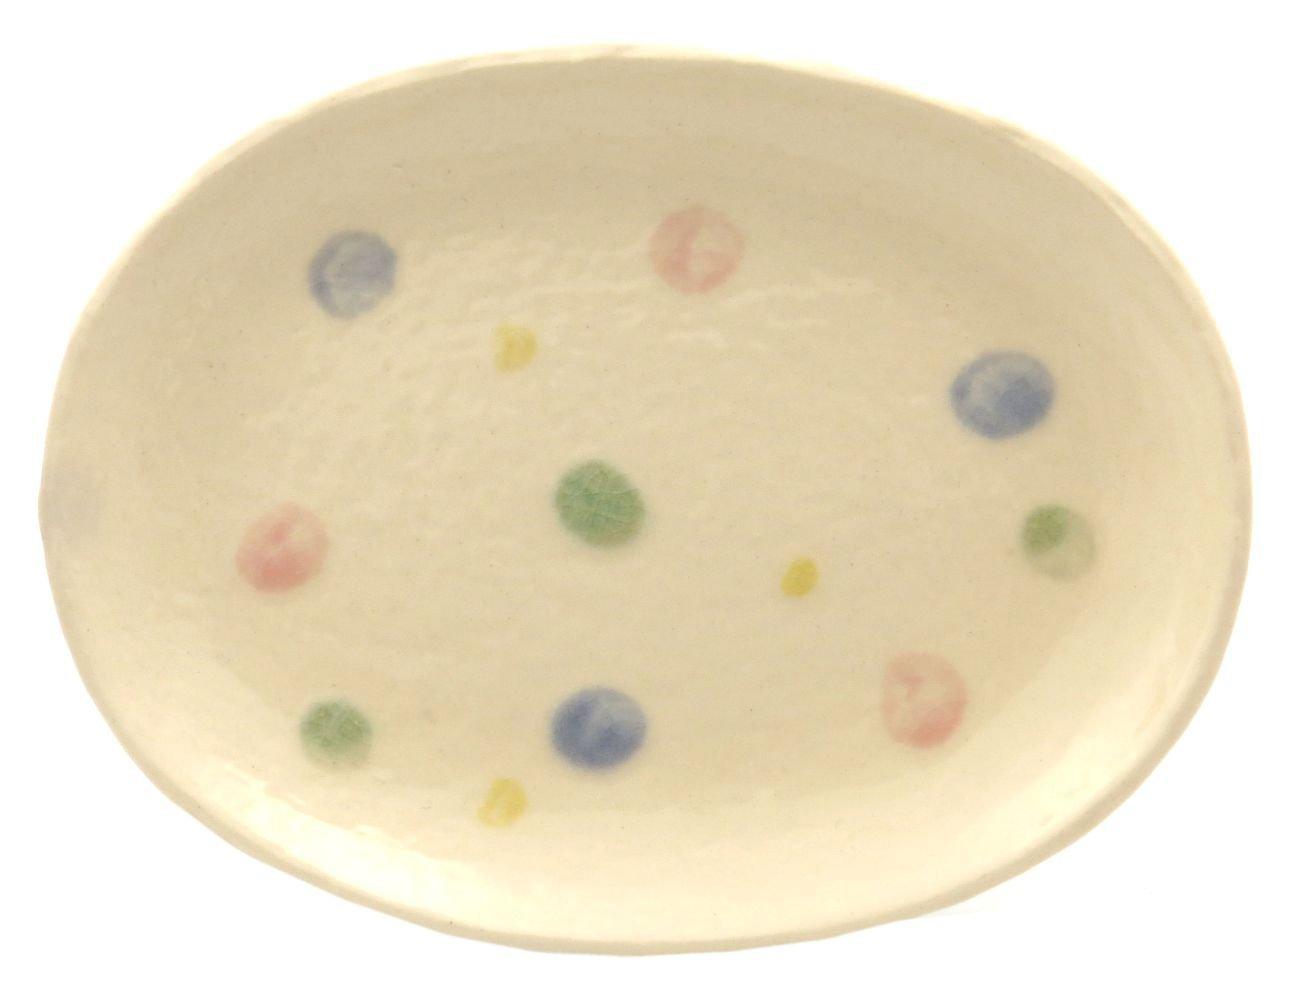 18cmの取り皿に使える楕円皿 3サイズの真ん中のお皿【楕円皿中(あめ玉)】